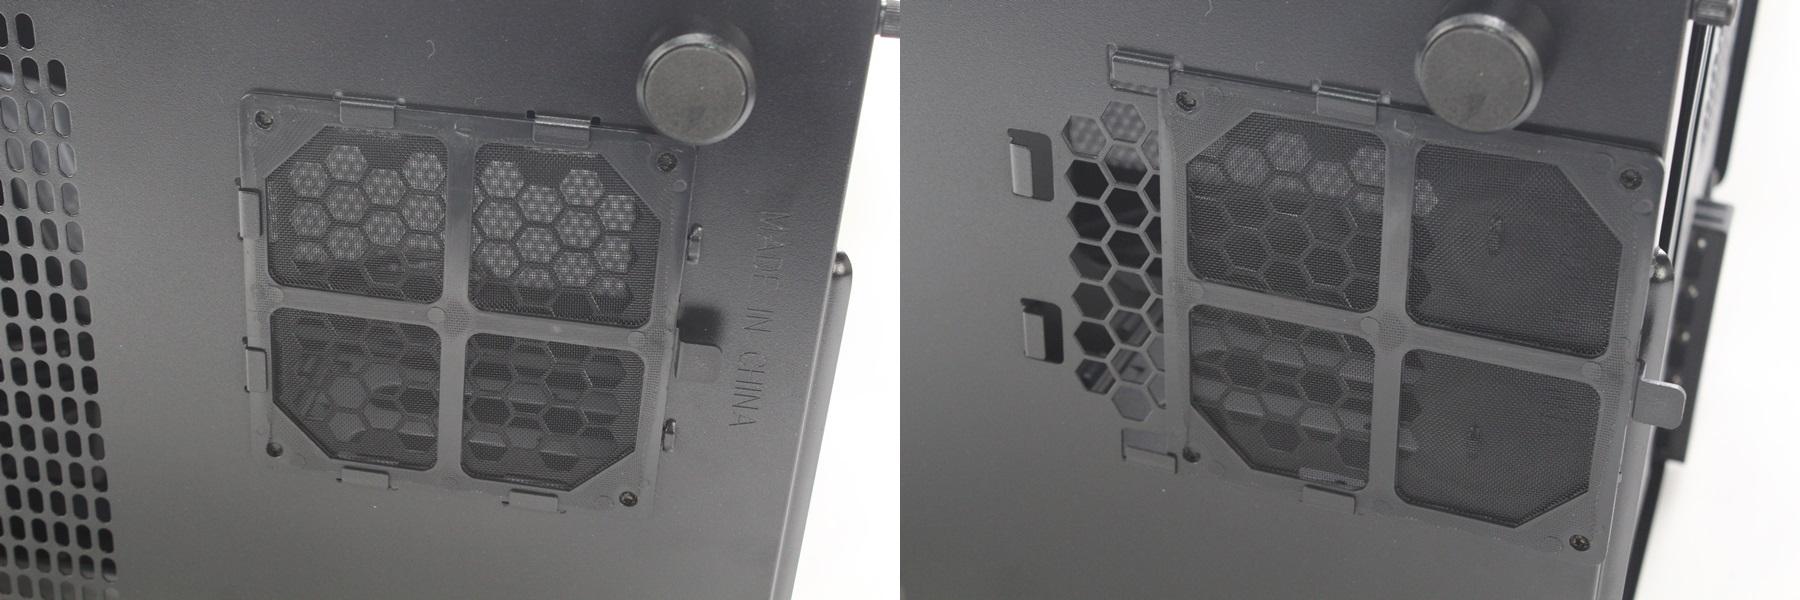 曜越Core V21 平躺式機殼前置I/O左右換,水冷安裝也OK